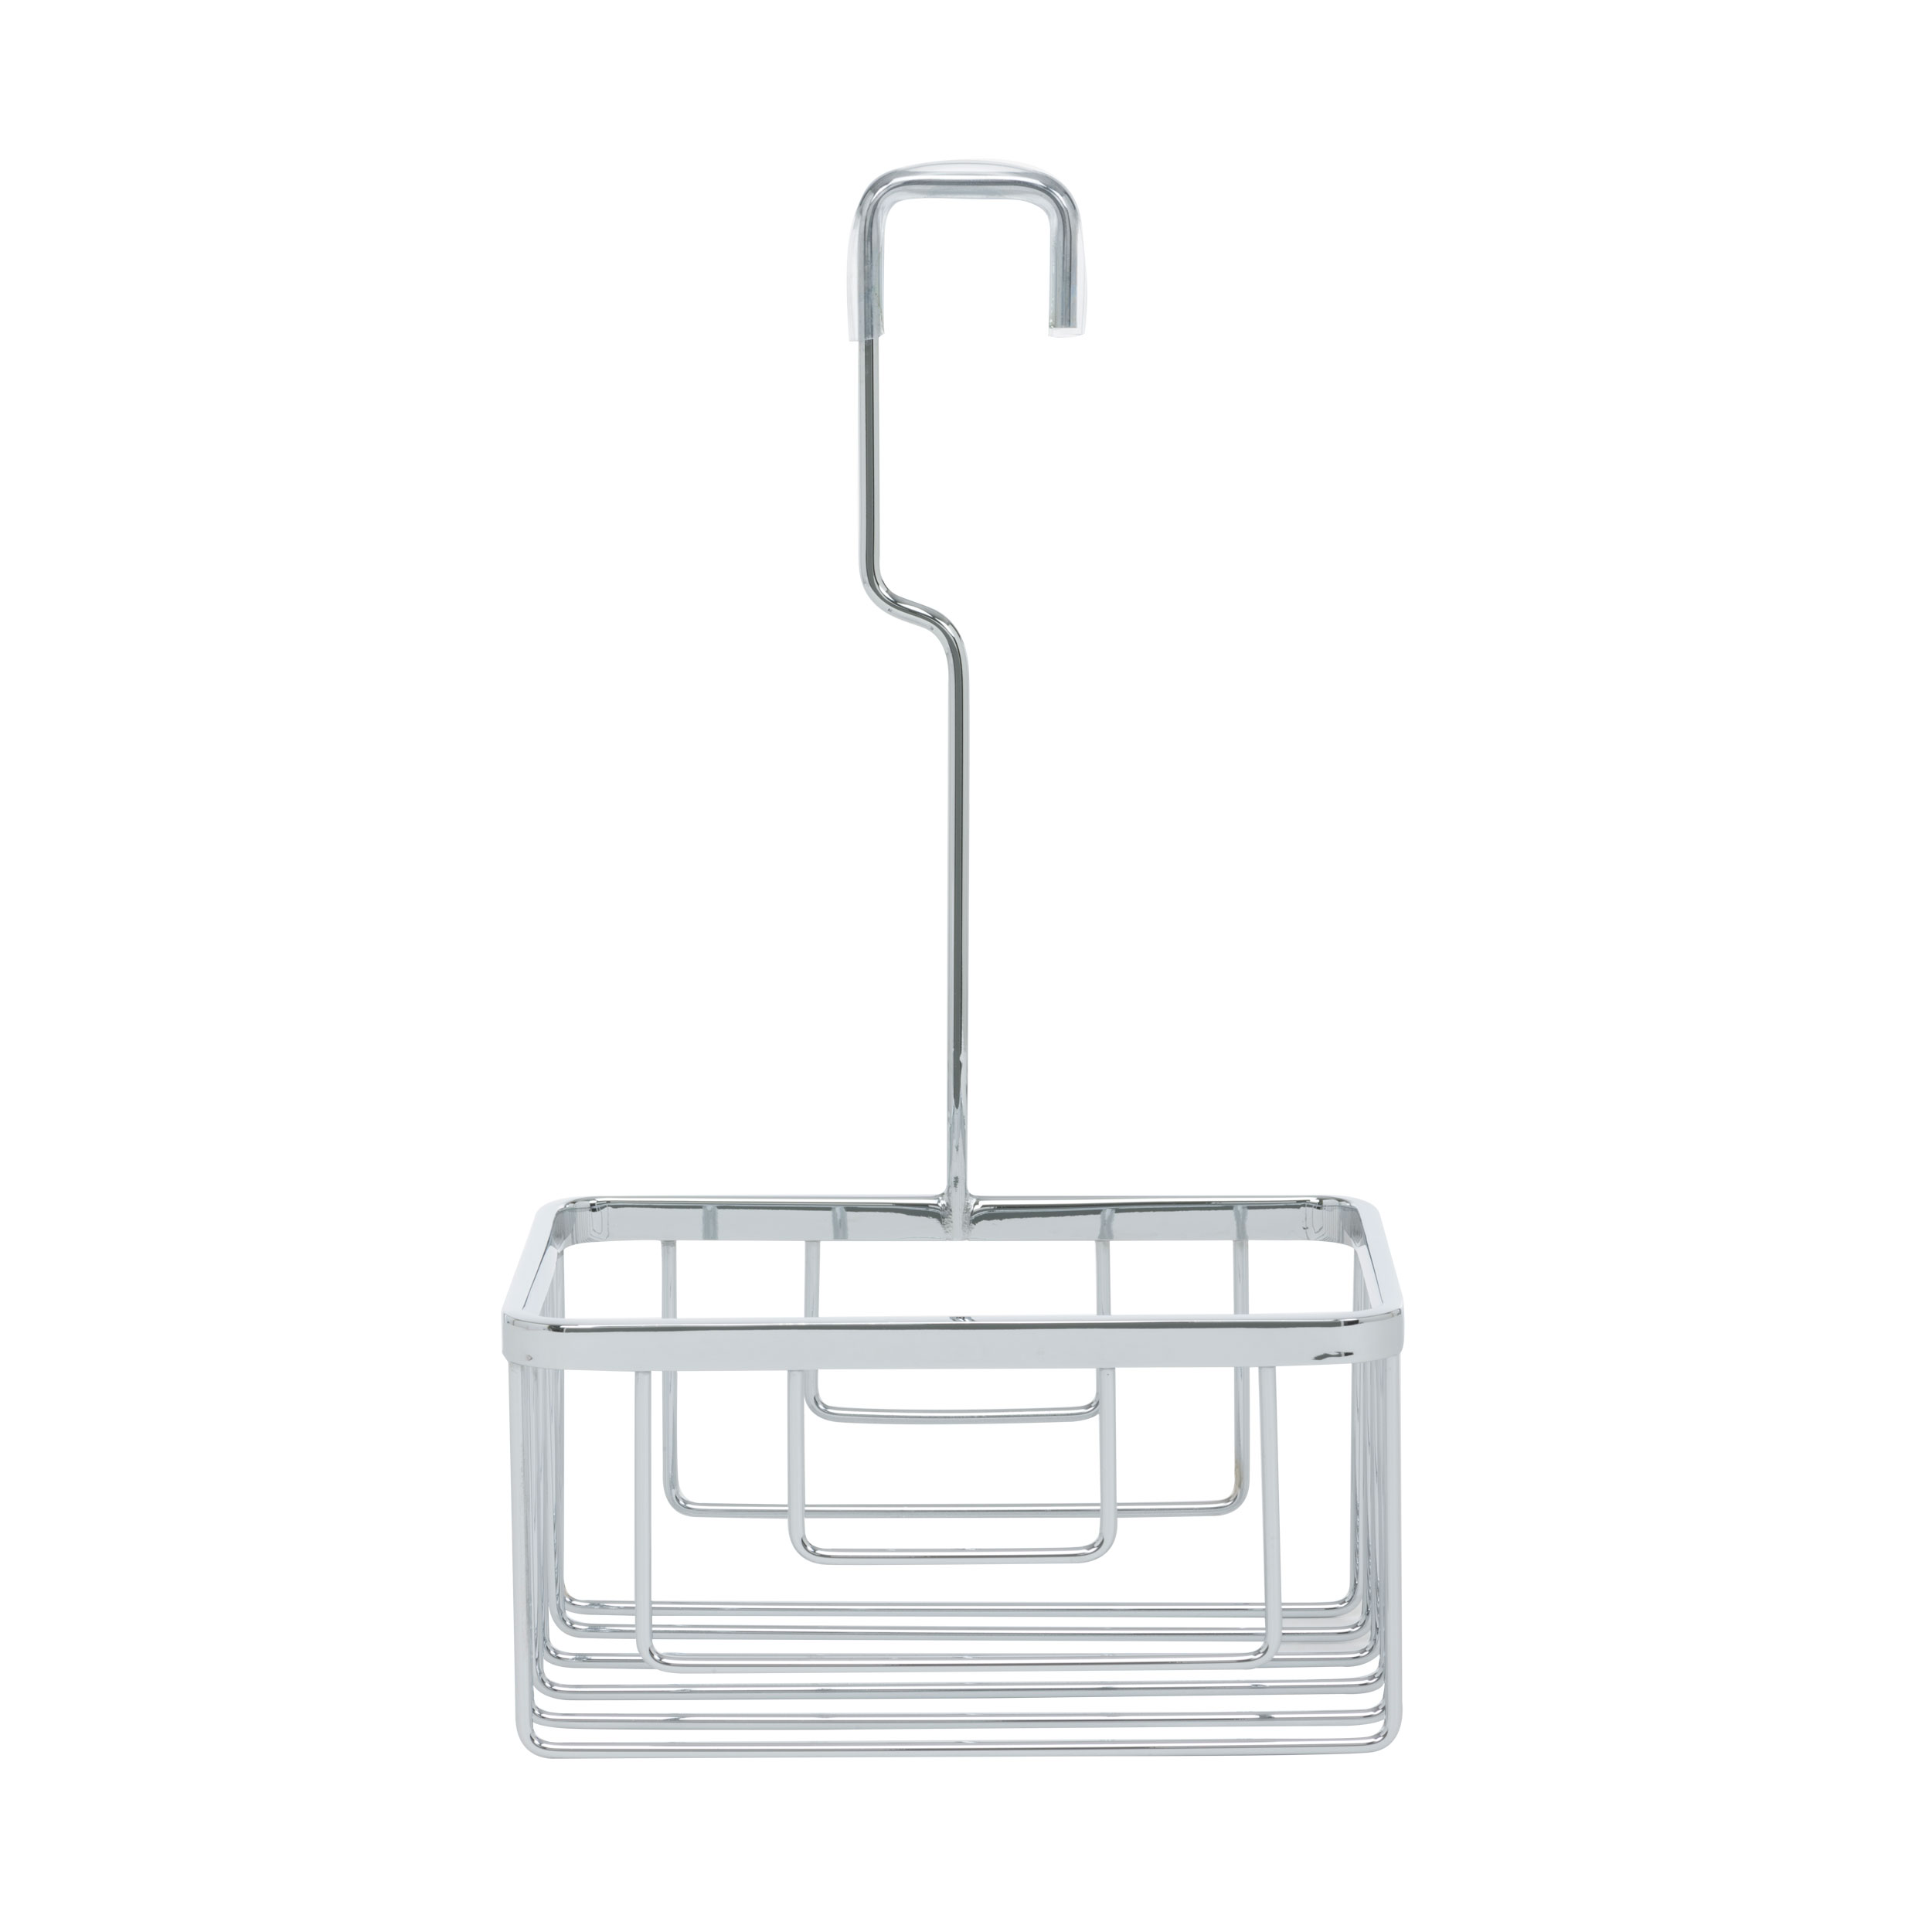 DW 227 Duschkorb zum Einhängen